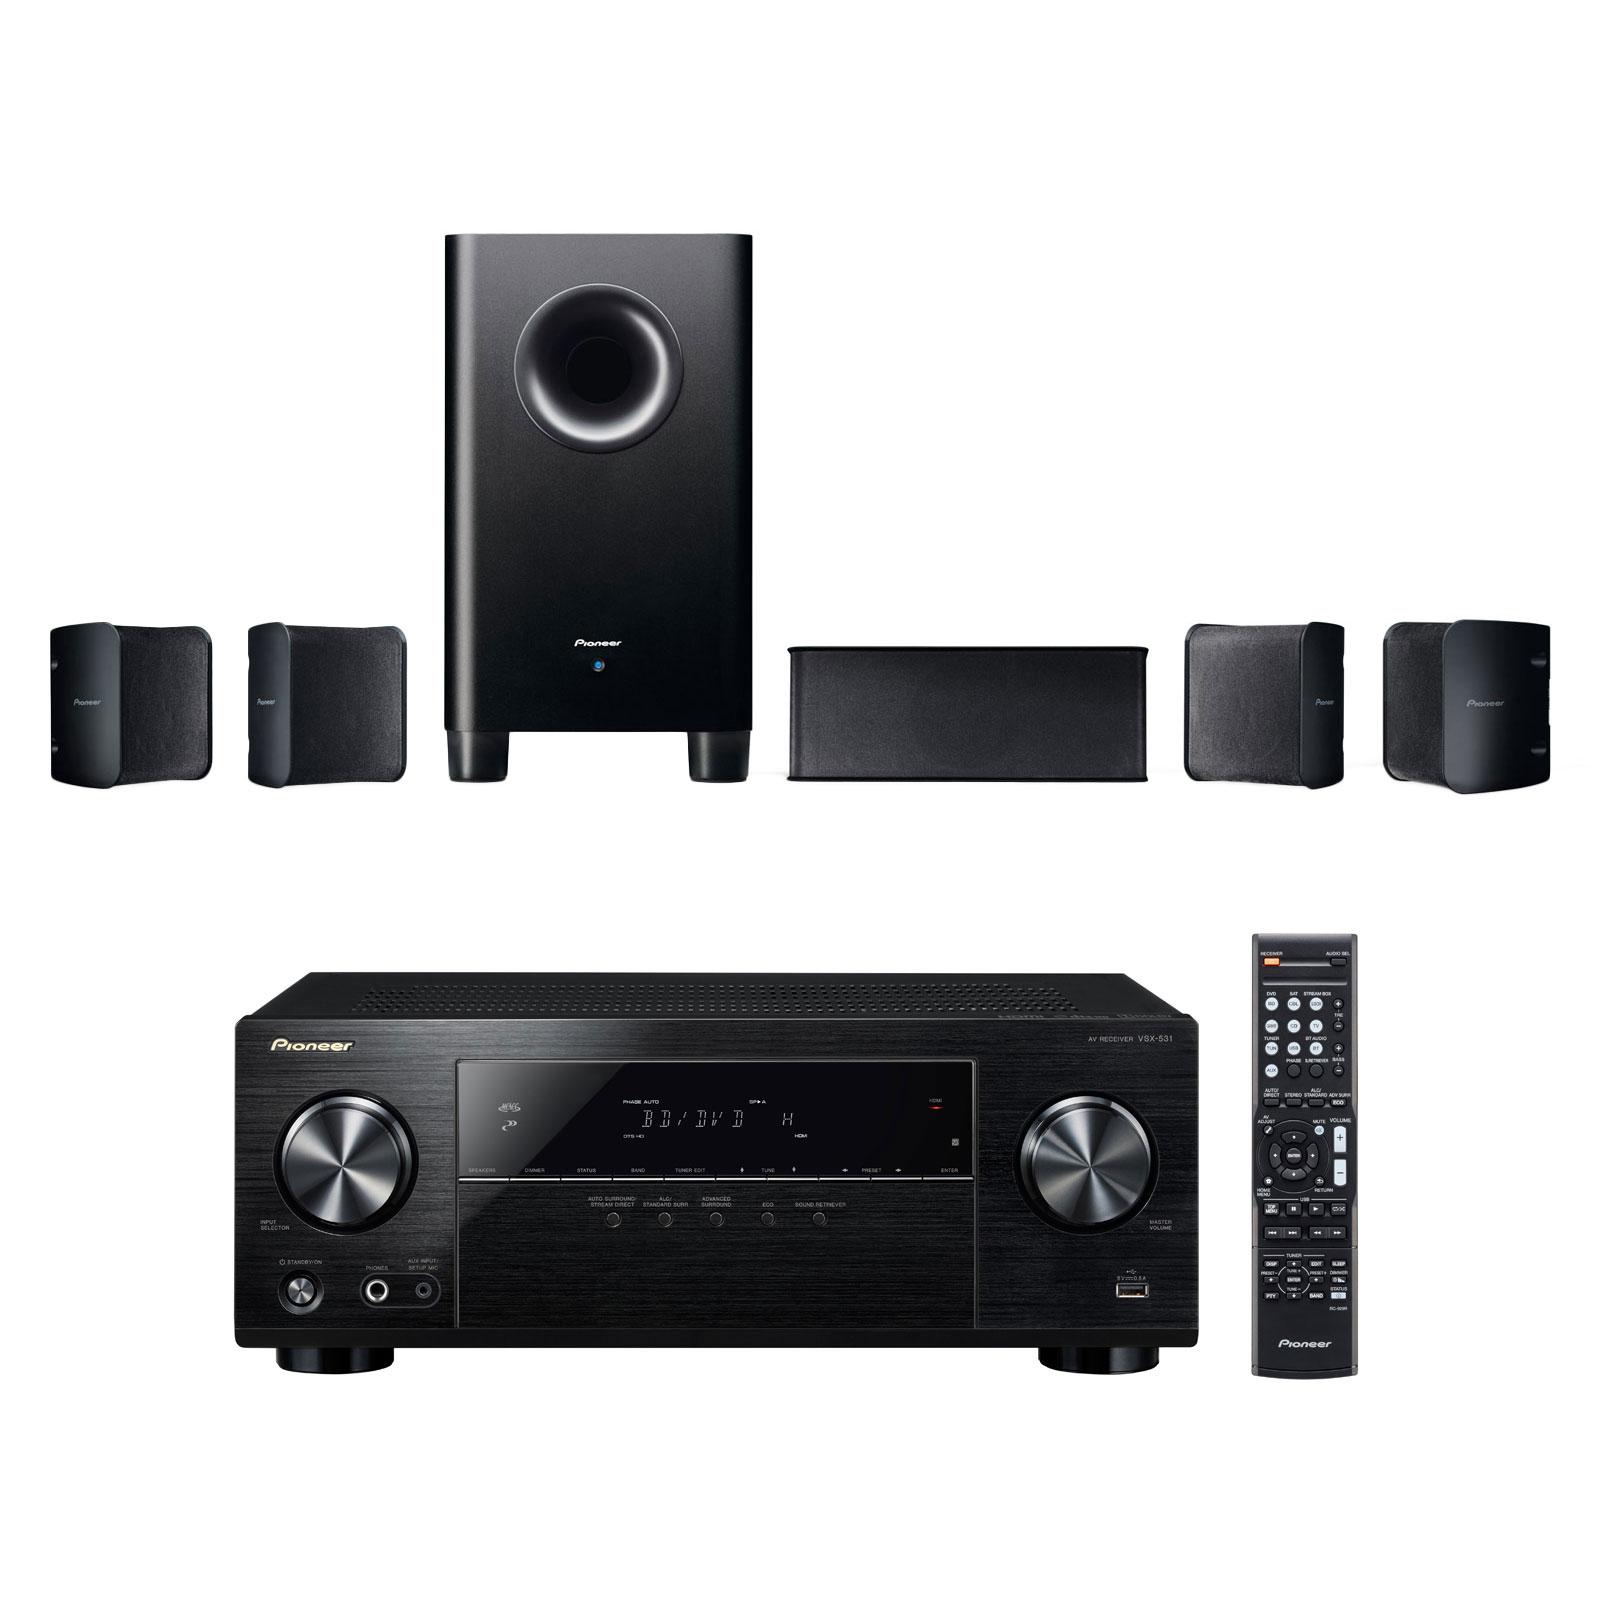 Ensemble home cinéma Pioneer VSX-531B + S-HS100 Ampli-tuner Home Cinéma 5.1 Bluetooth, HDCP 2.2, et Upscaling Ultra HD 4K avec 4 entrées HDMI + Pack d'enceintes compactes 5.1